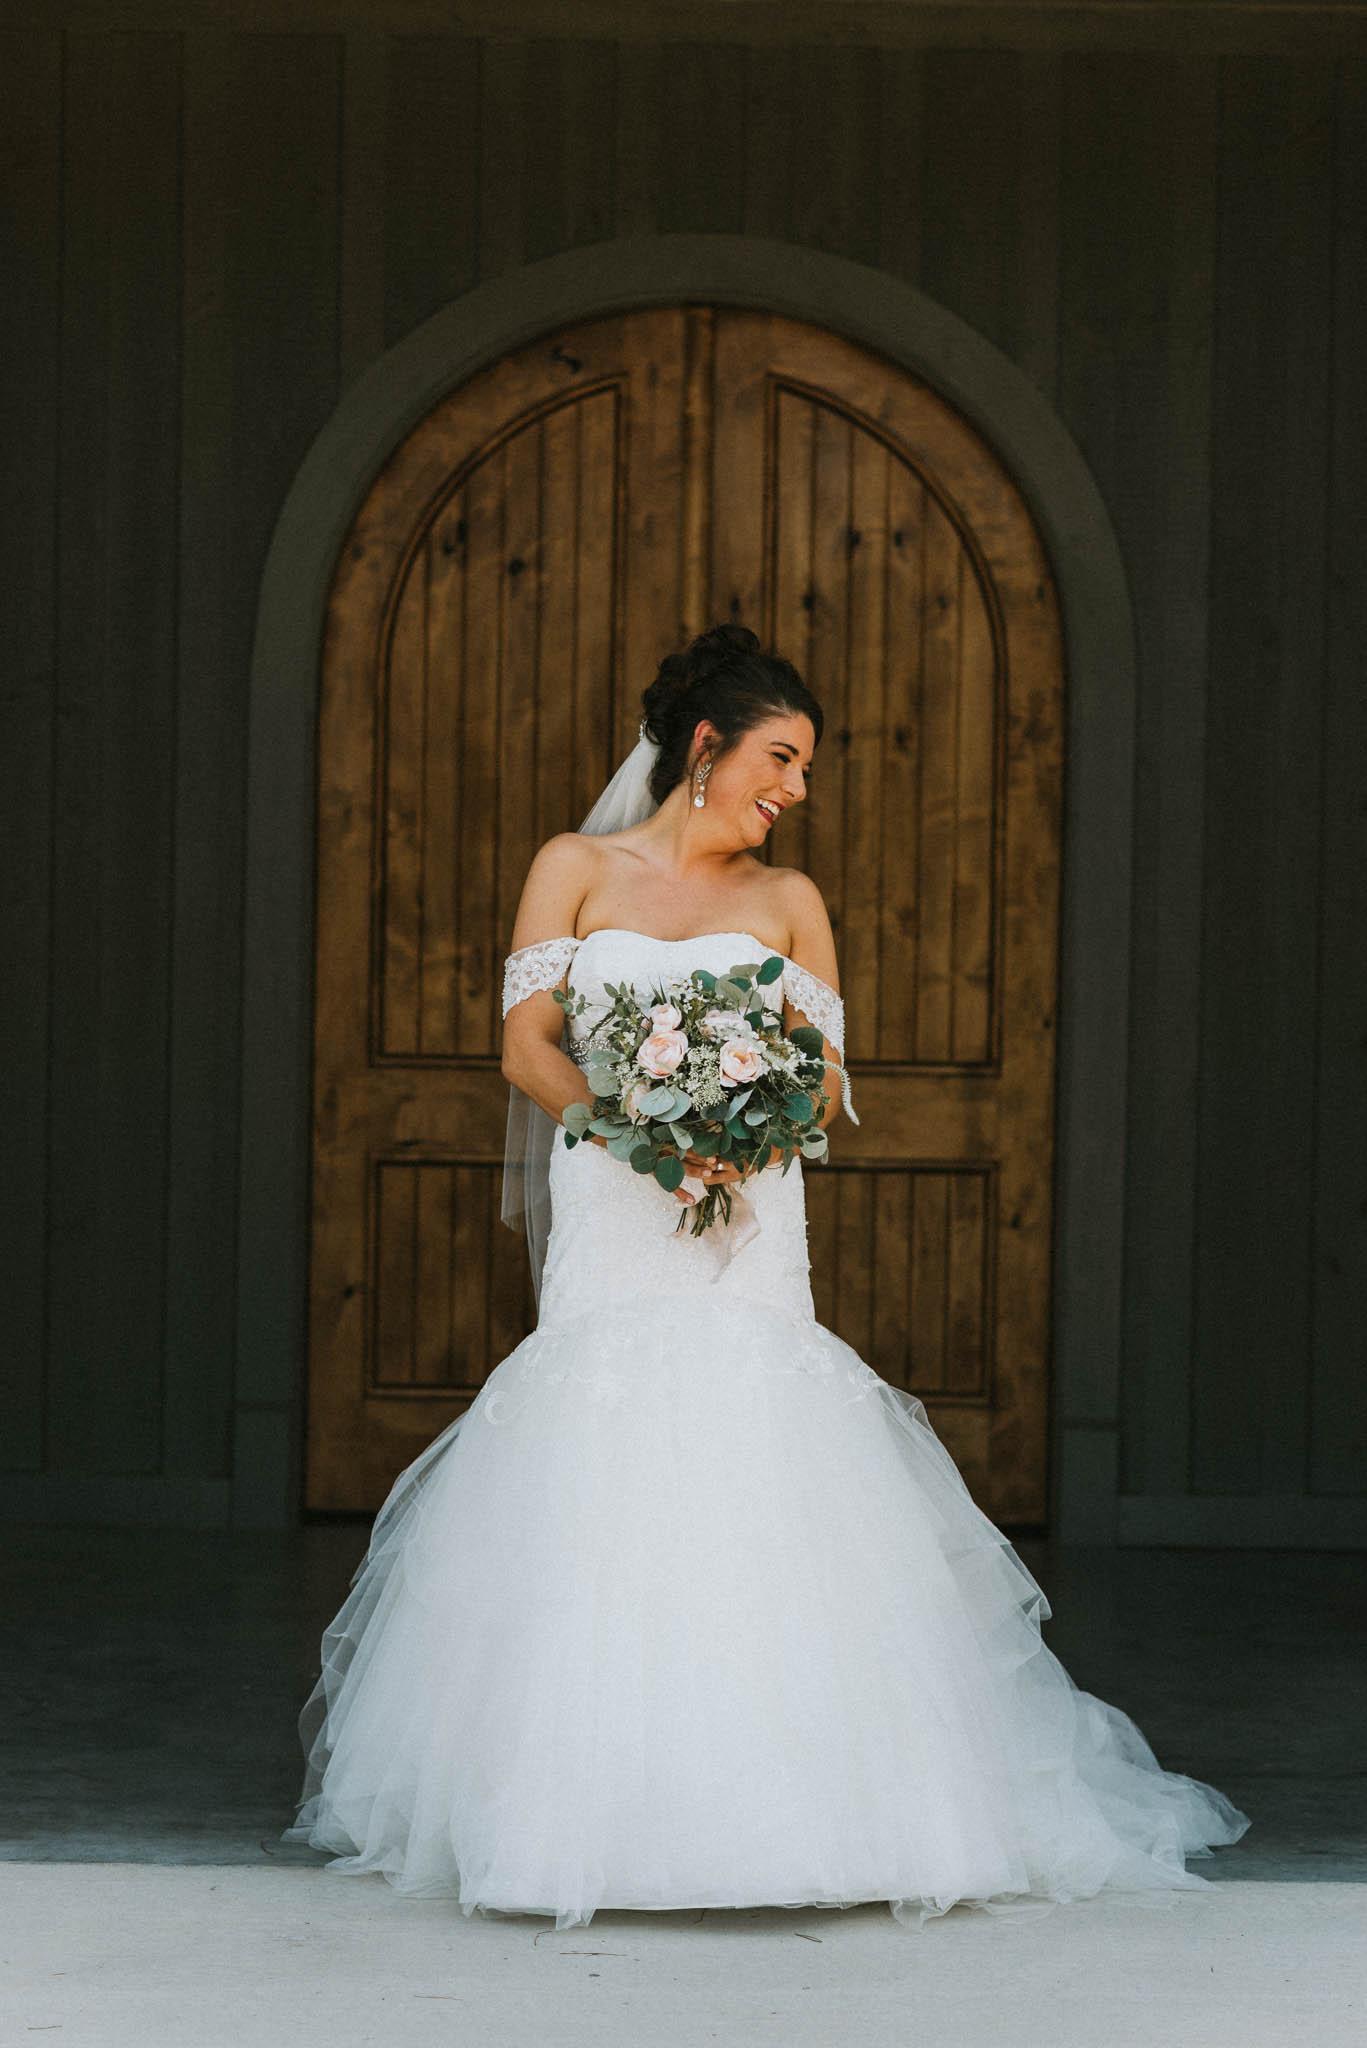 Howe Farm Wedding, Chattanooga, TN, Northeast TN Wedding Photographer, East Tennessee Wedding Photographer, Knoxville, TN Wedding Photographer (1 of 1)-6.jpg